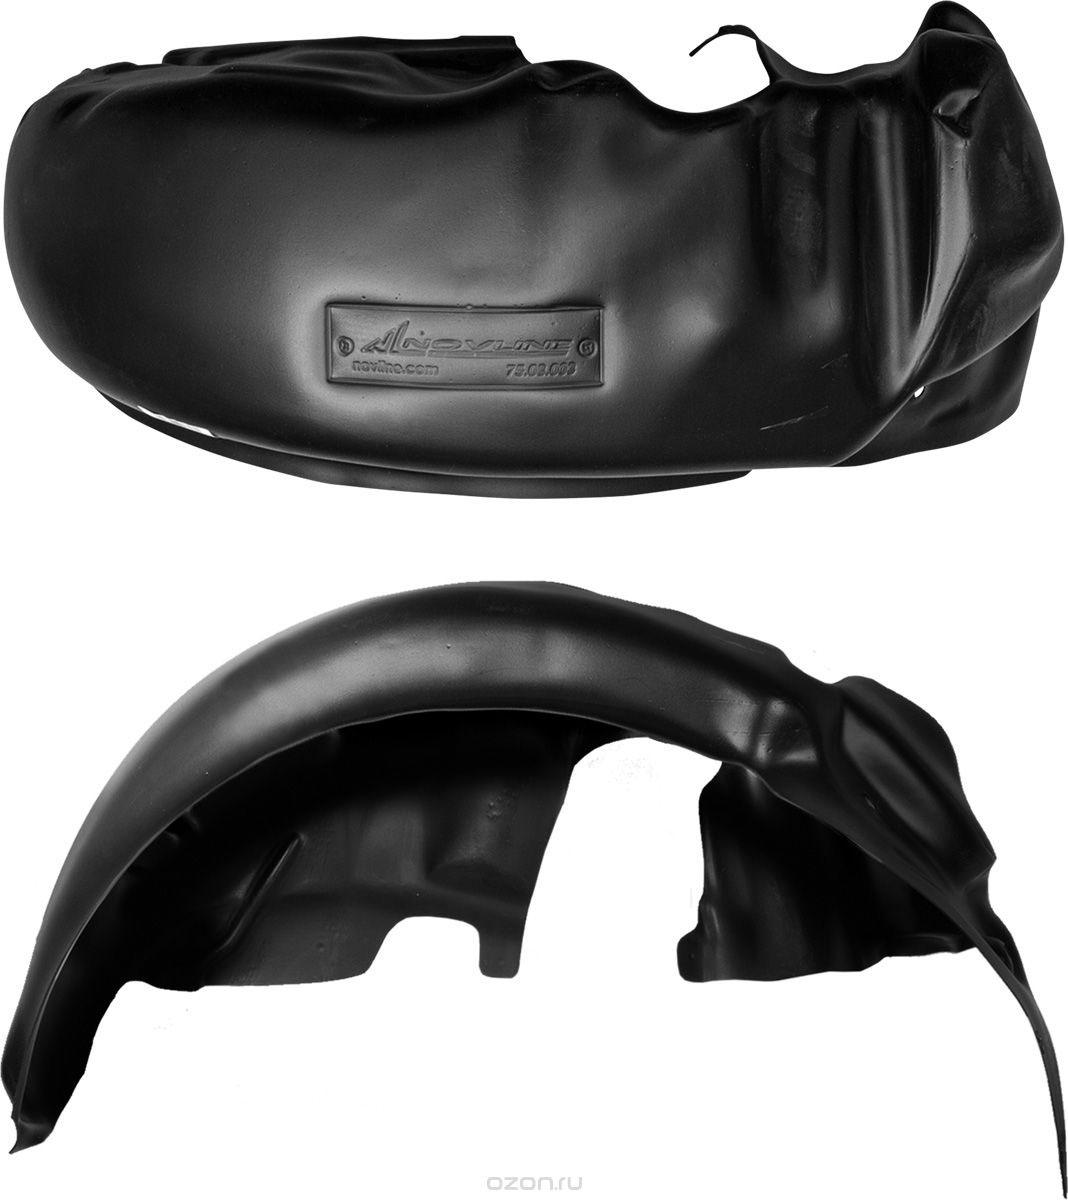 Подкрылок Novline-Autofamily, для DAEWOO Matiz 2005->, передний левый001901Подкрылок Novline-Autofamily - идеальная защита колесной ниши. Локеры разработаны с применением цифровых технологий, гарантируют максимальную повторяемость поверхности арки. Изделия устанавливаются без нарушения лакокрасочного покрытия автомобиля, каждый подкрылок комплектуется крепежом. Уважаемые клиенты, обращаем ваше внимание, что фотографии на подкрылки универсальные и не отражают реальную форму изделия. При этом само изделие идет точно под размер указанного автомобиля.